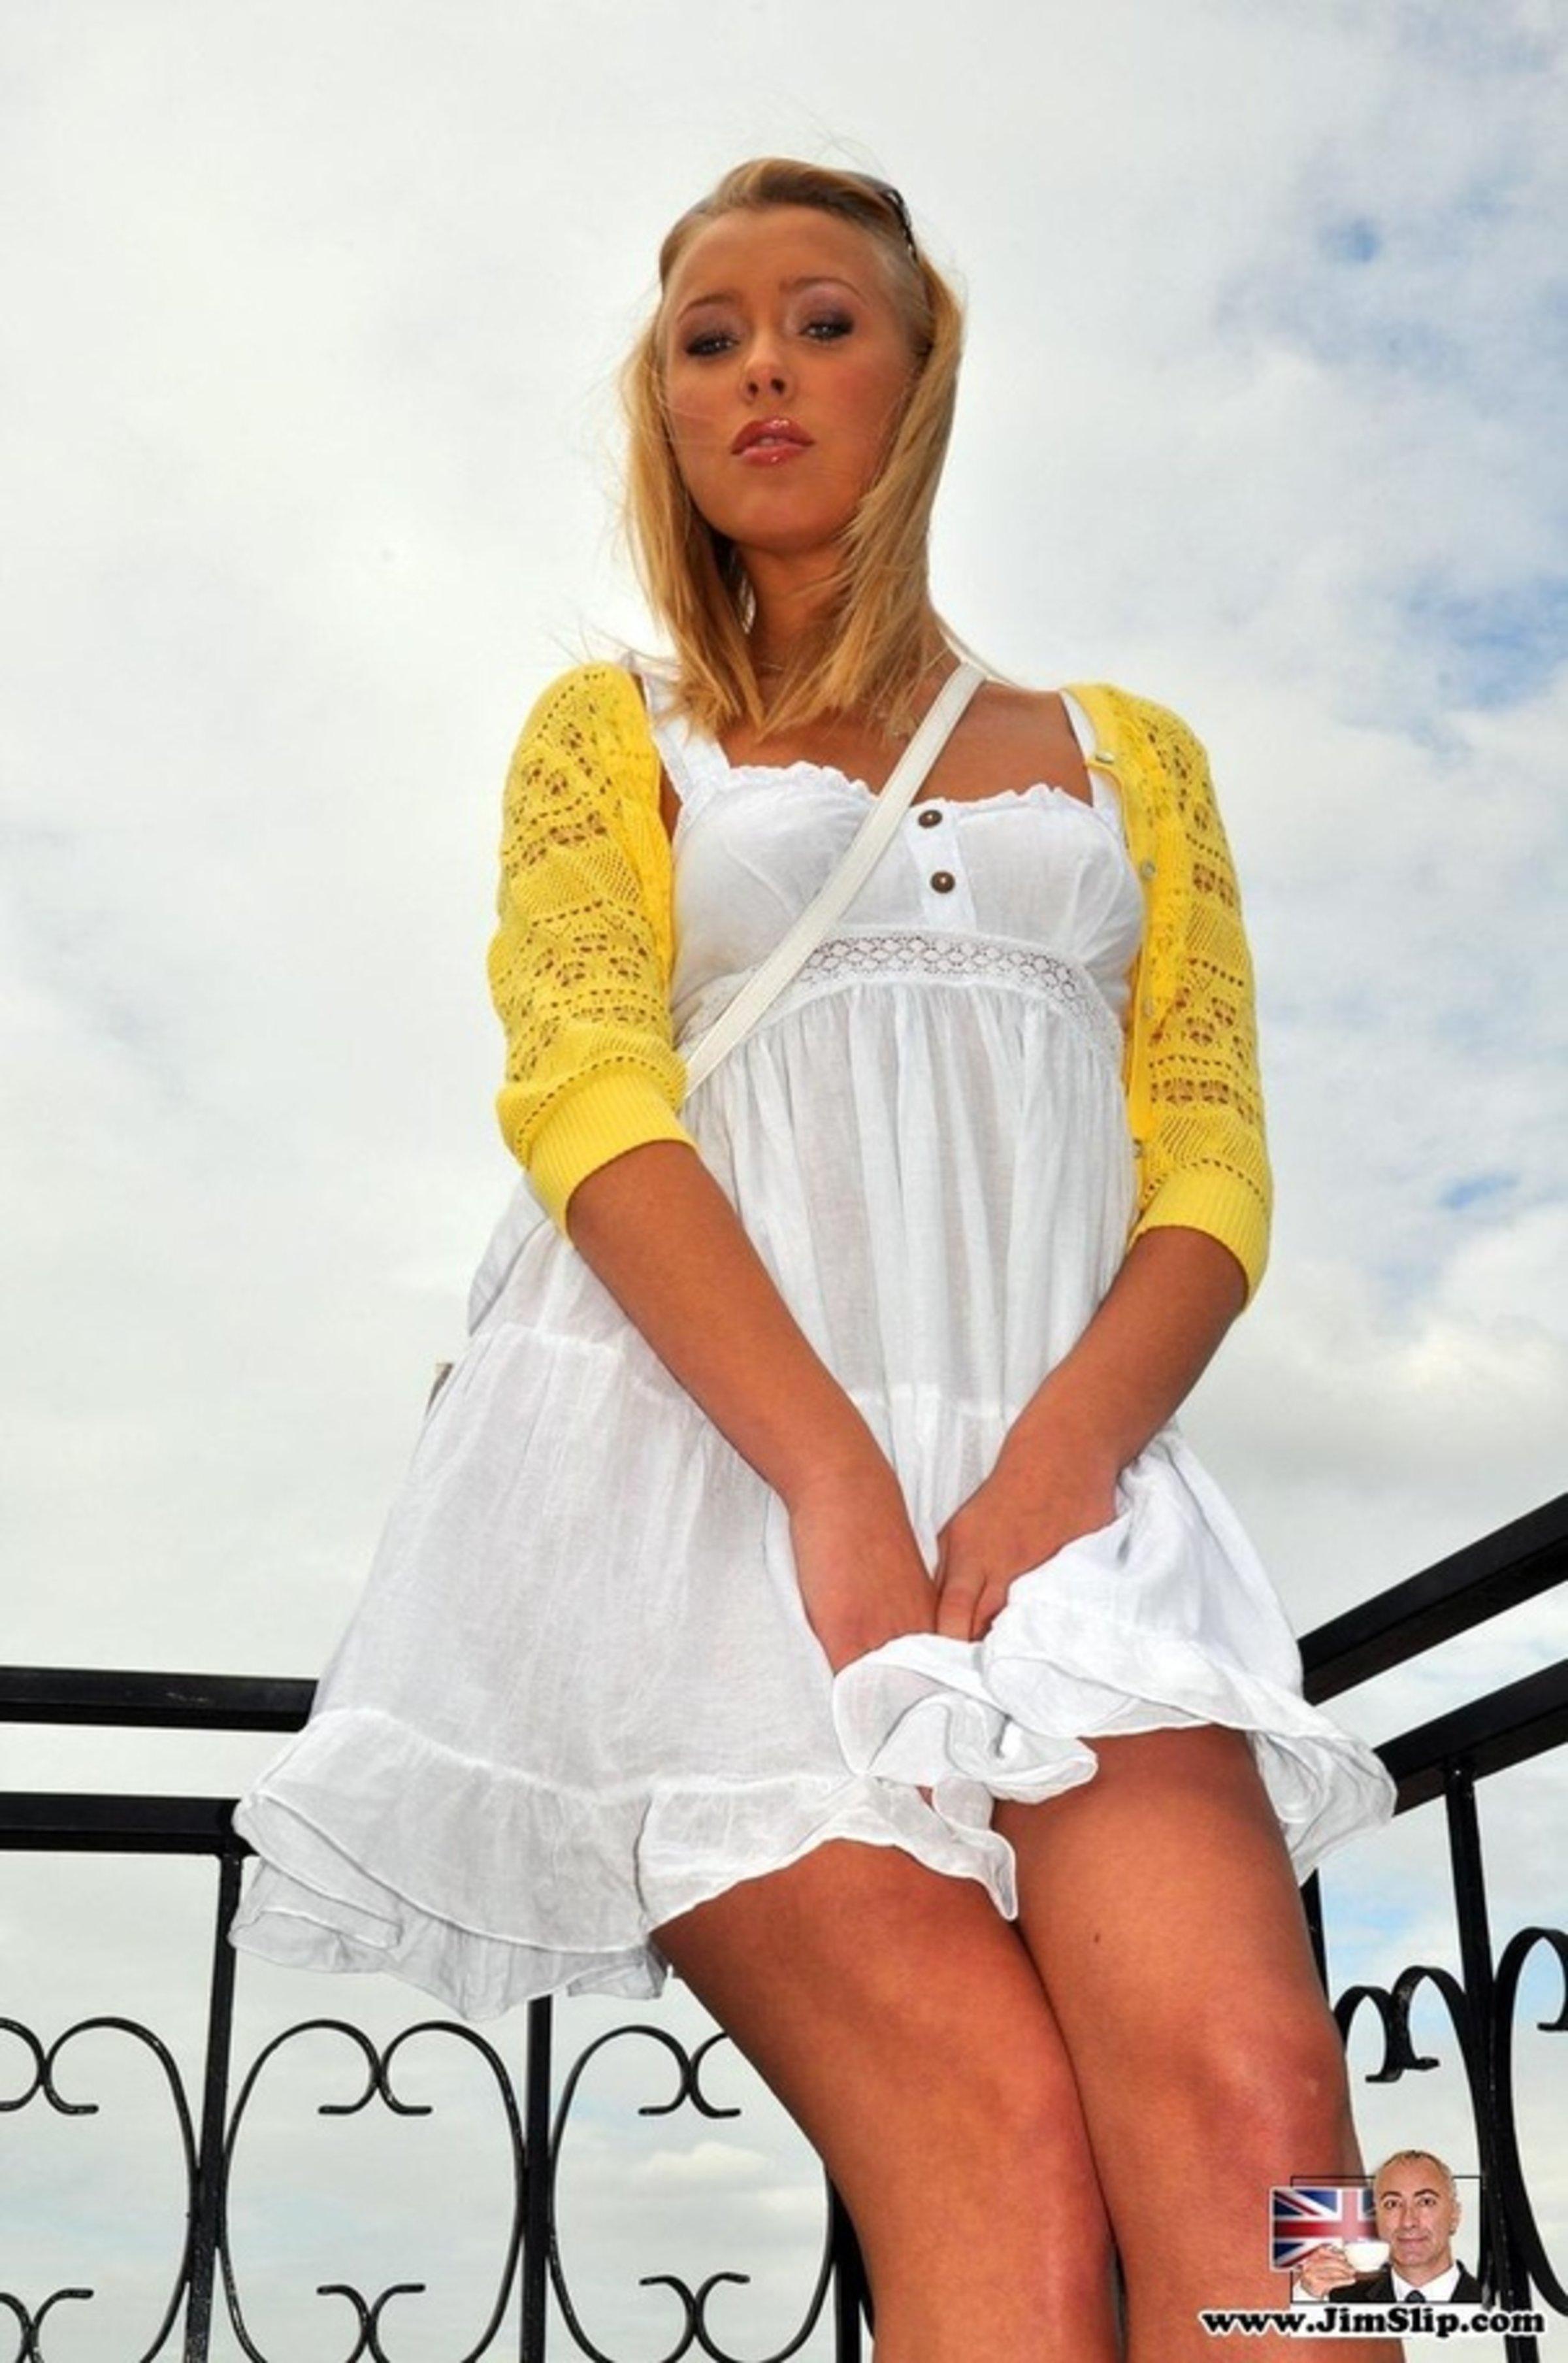 19 Yo Blonde Teena Dolly Hardcore - YOUX.XXX